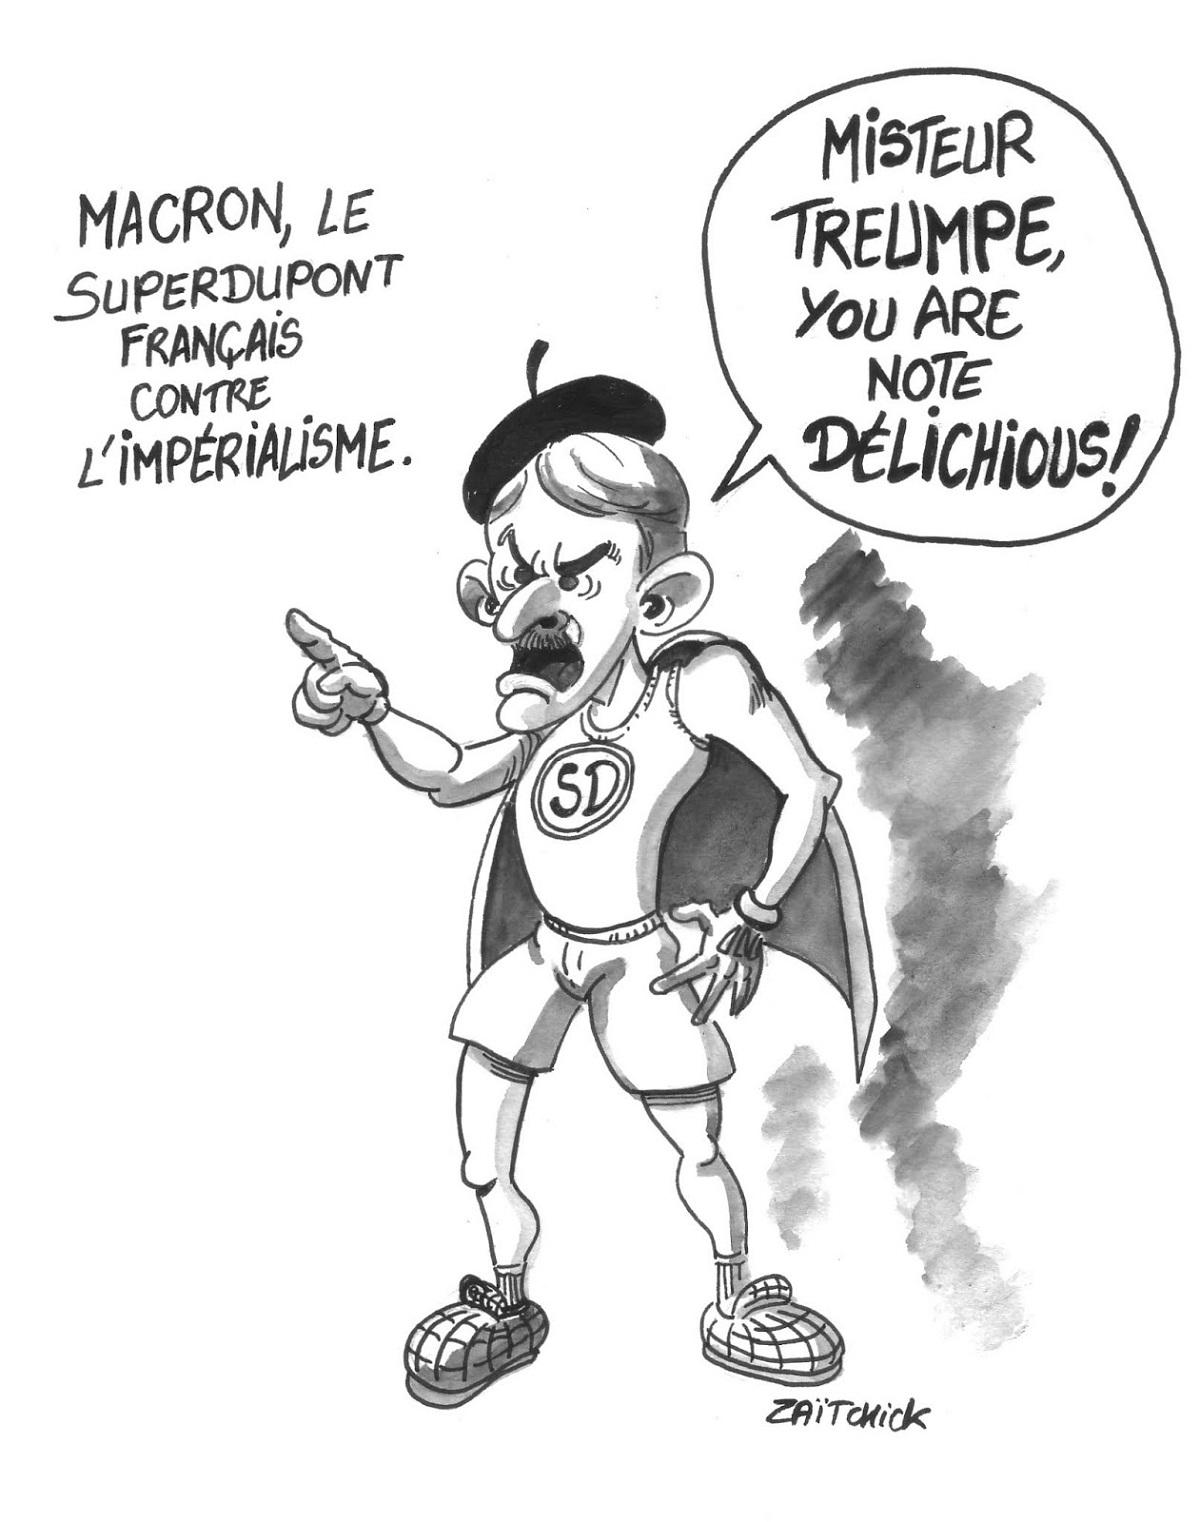 dessin d'actualité montrant Emmanuel Macron en Superdupont contre Donald Trump